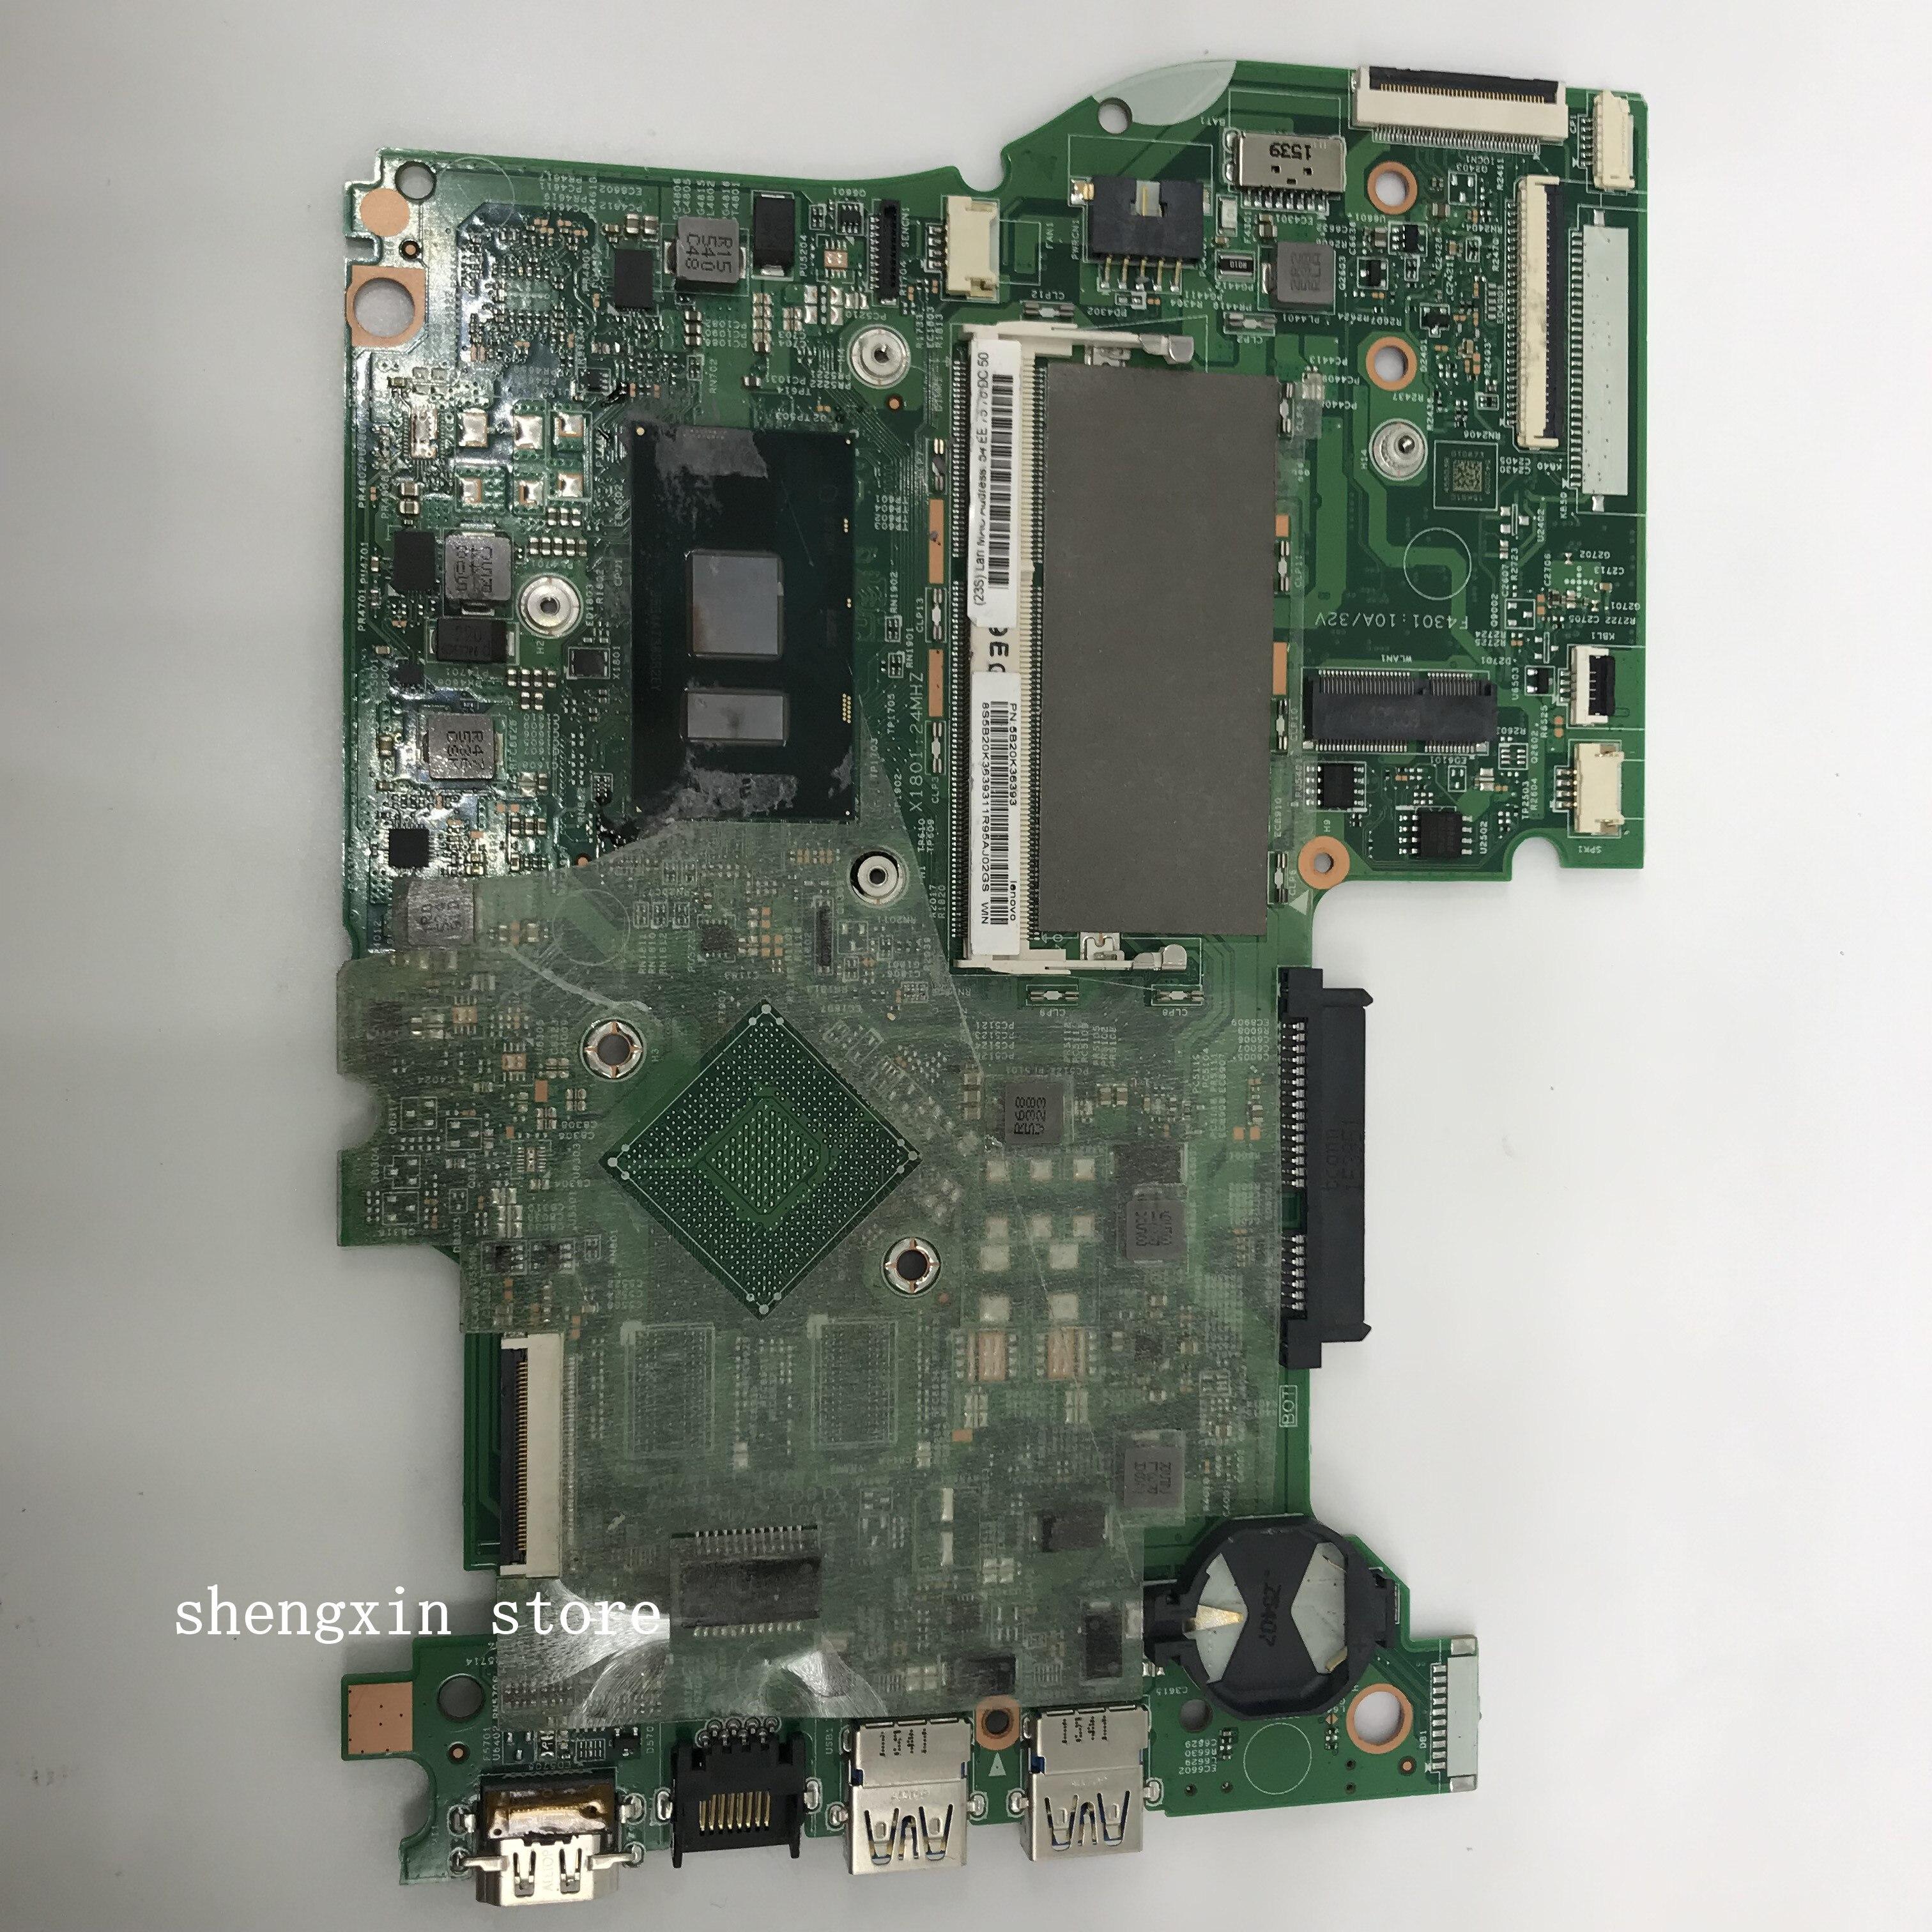 لينوفو اليوغا 500-14ISK FLEX3-1480 اللوحة المحمول مع SR2EY i5-6200U 5B20K36393 MB اللوحة